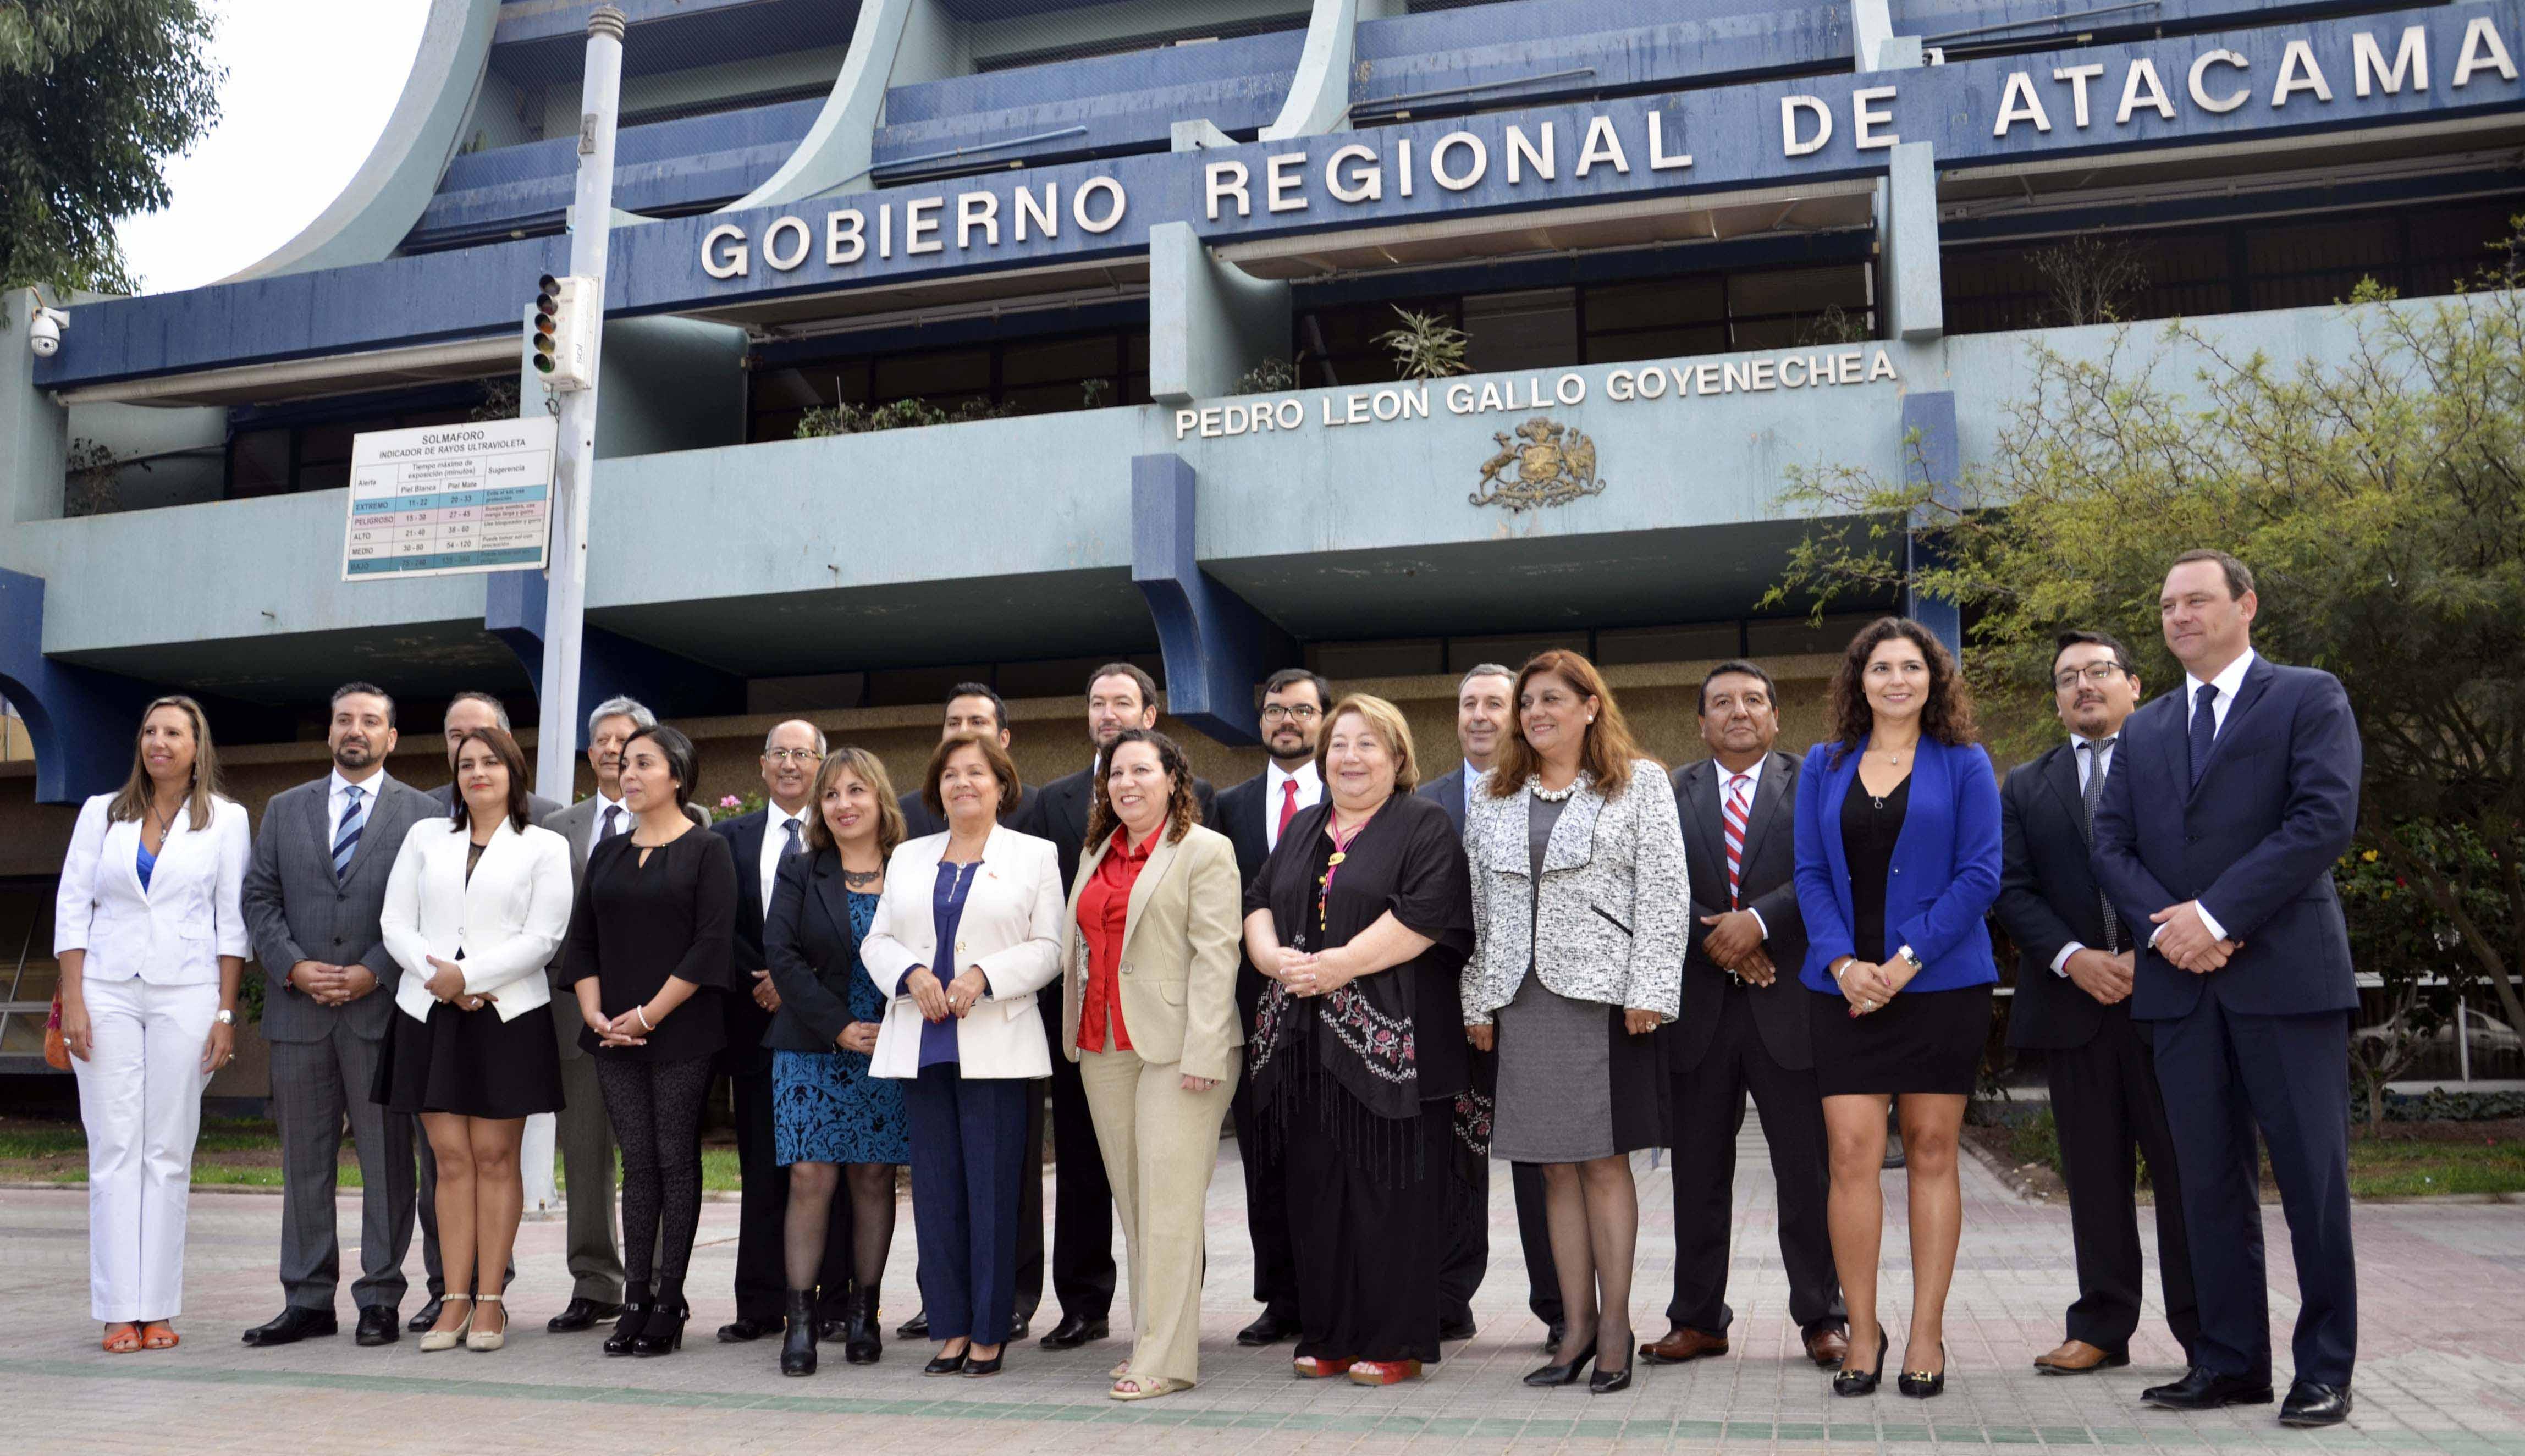 Gabinete Regional ya comienza a trabajar en Atacama